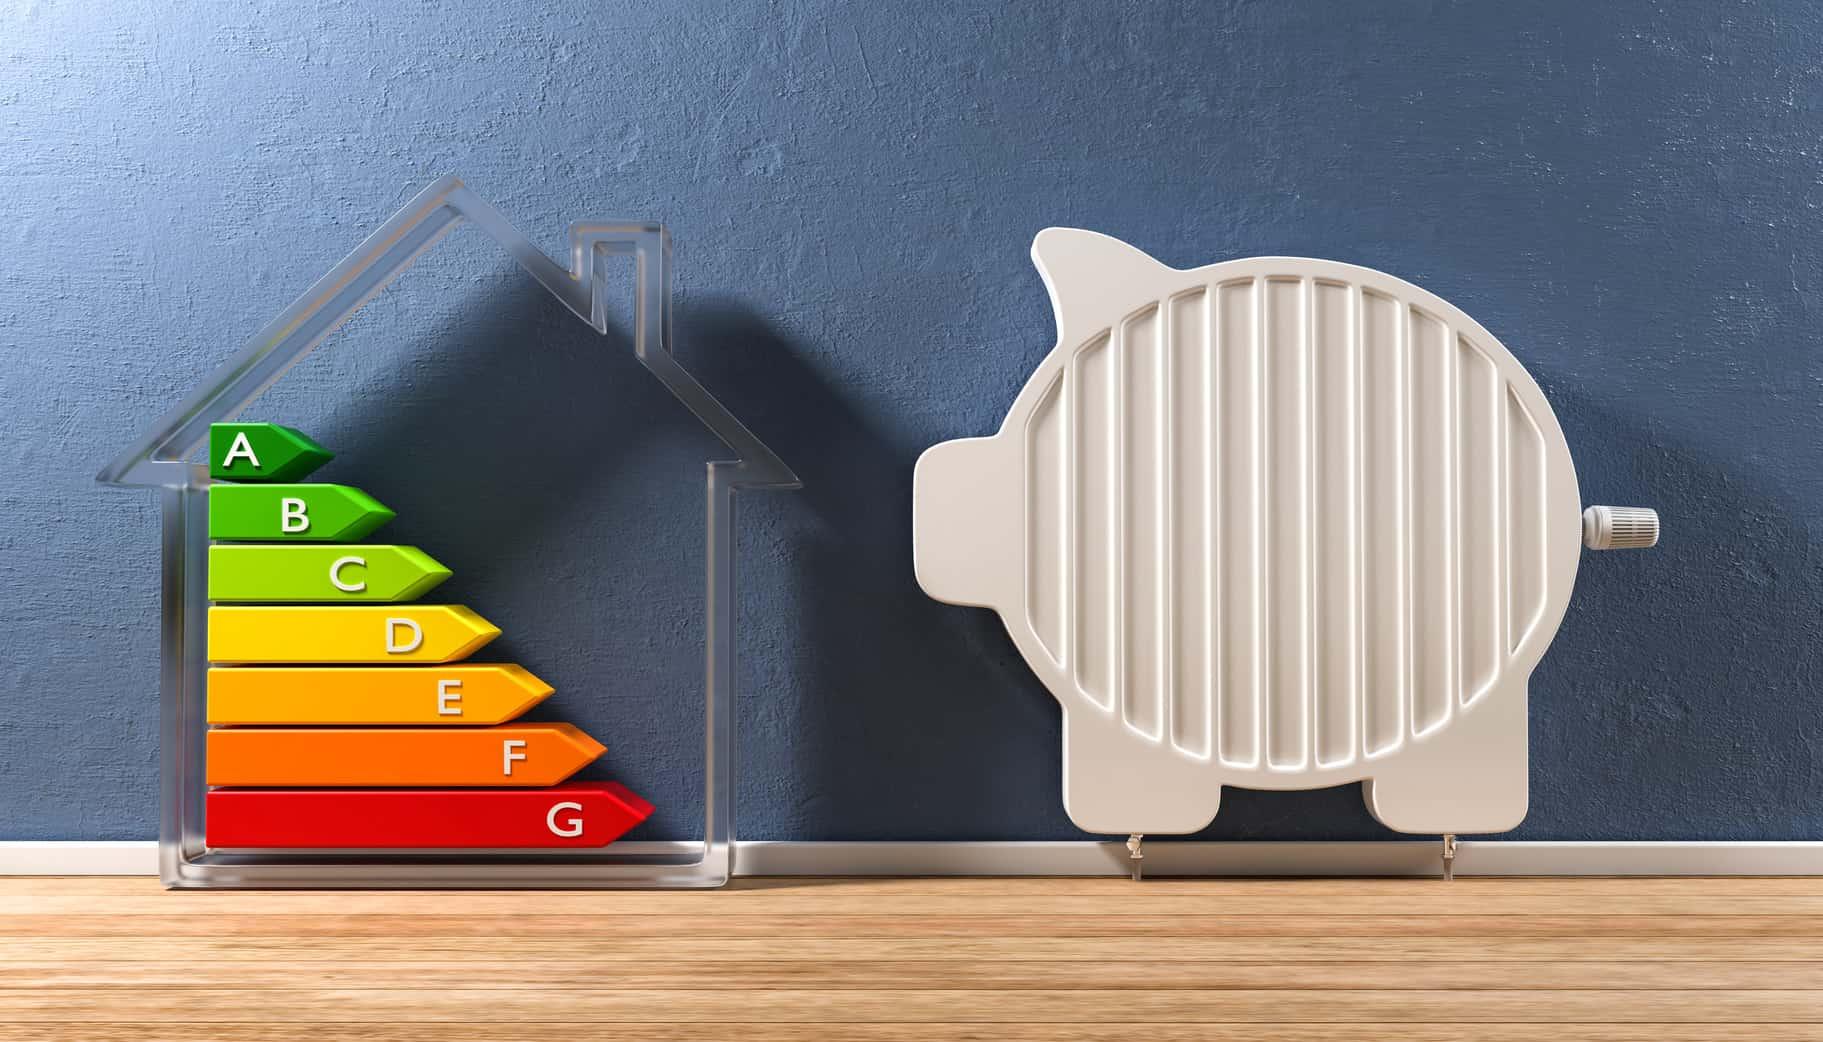 chauffage électrique pour économiser